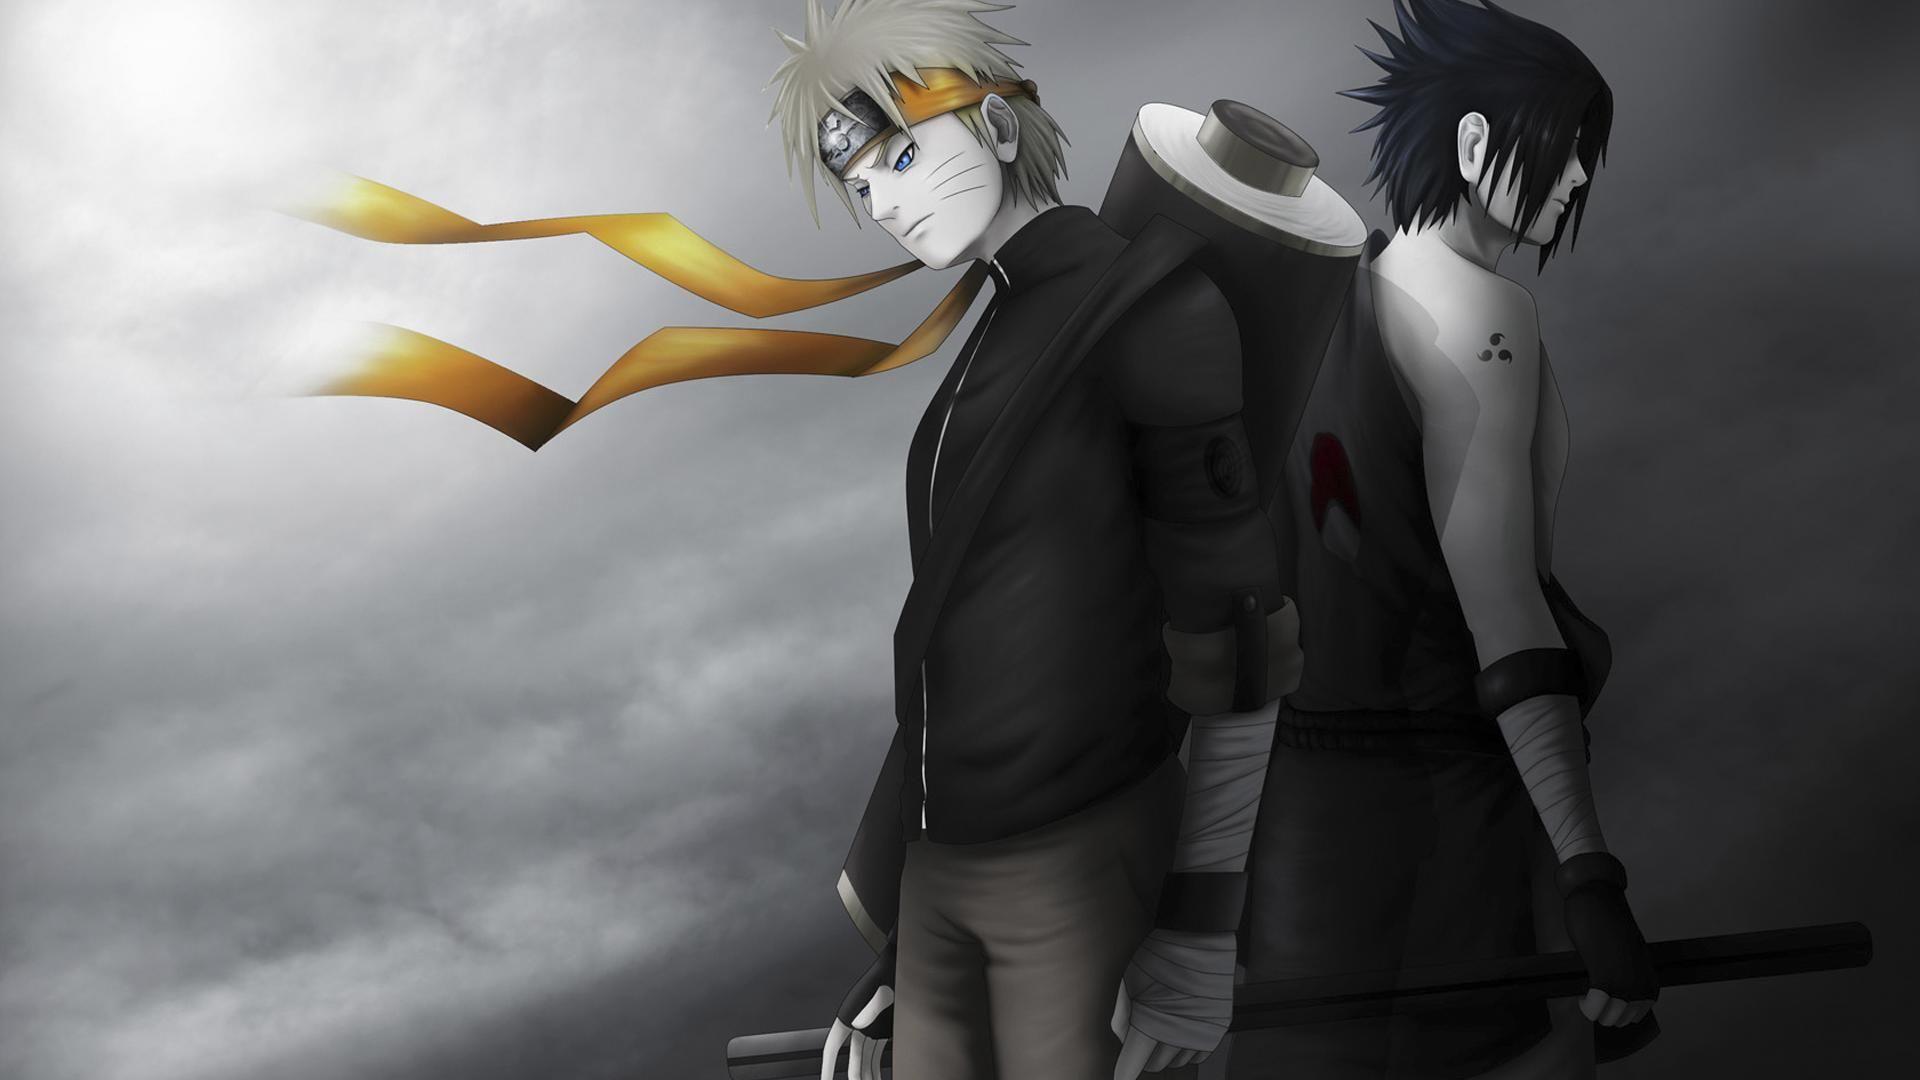 Naruto Sasuke Shippuden Black And White Naruto And Sasuke Wallpaper Wallpaper Naruto Shippuden Naruto Shippuden Hd